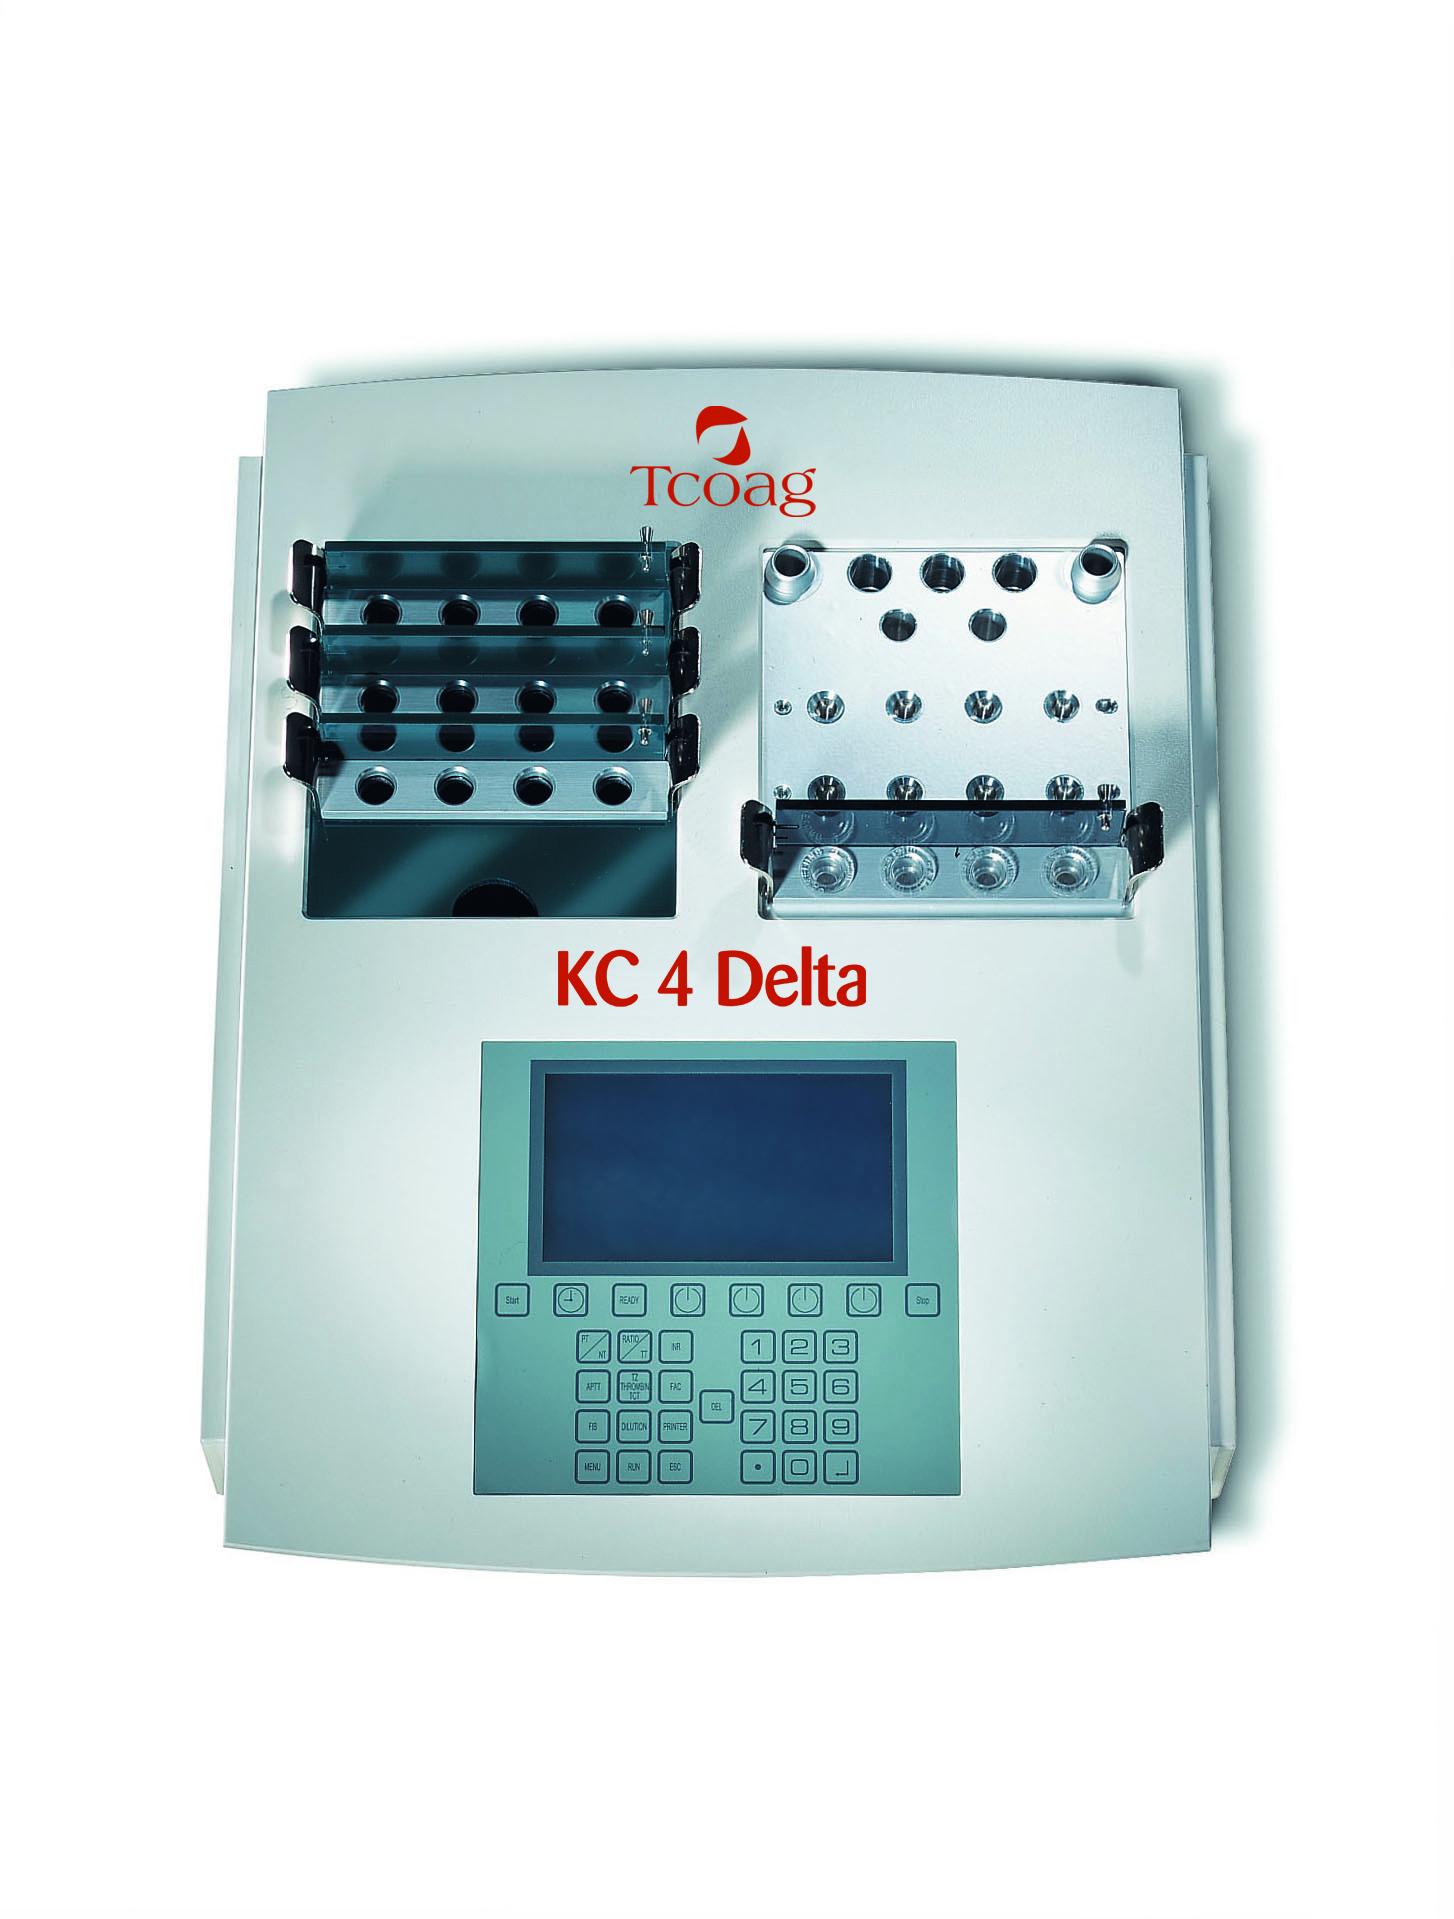 KC4 Delta